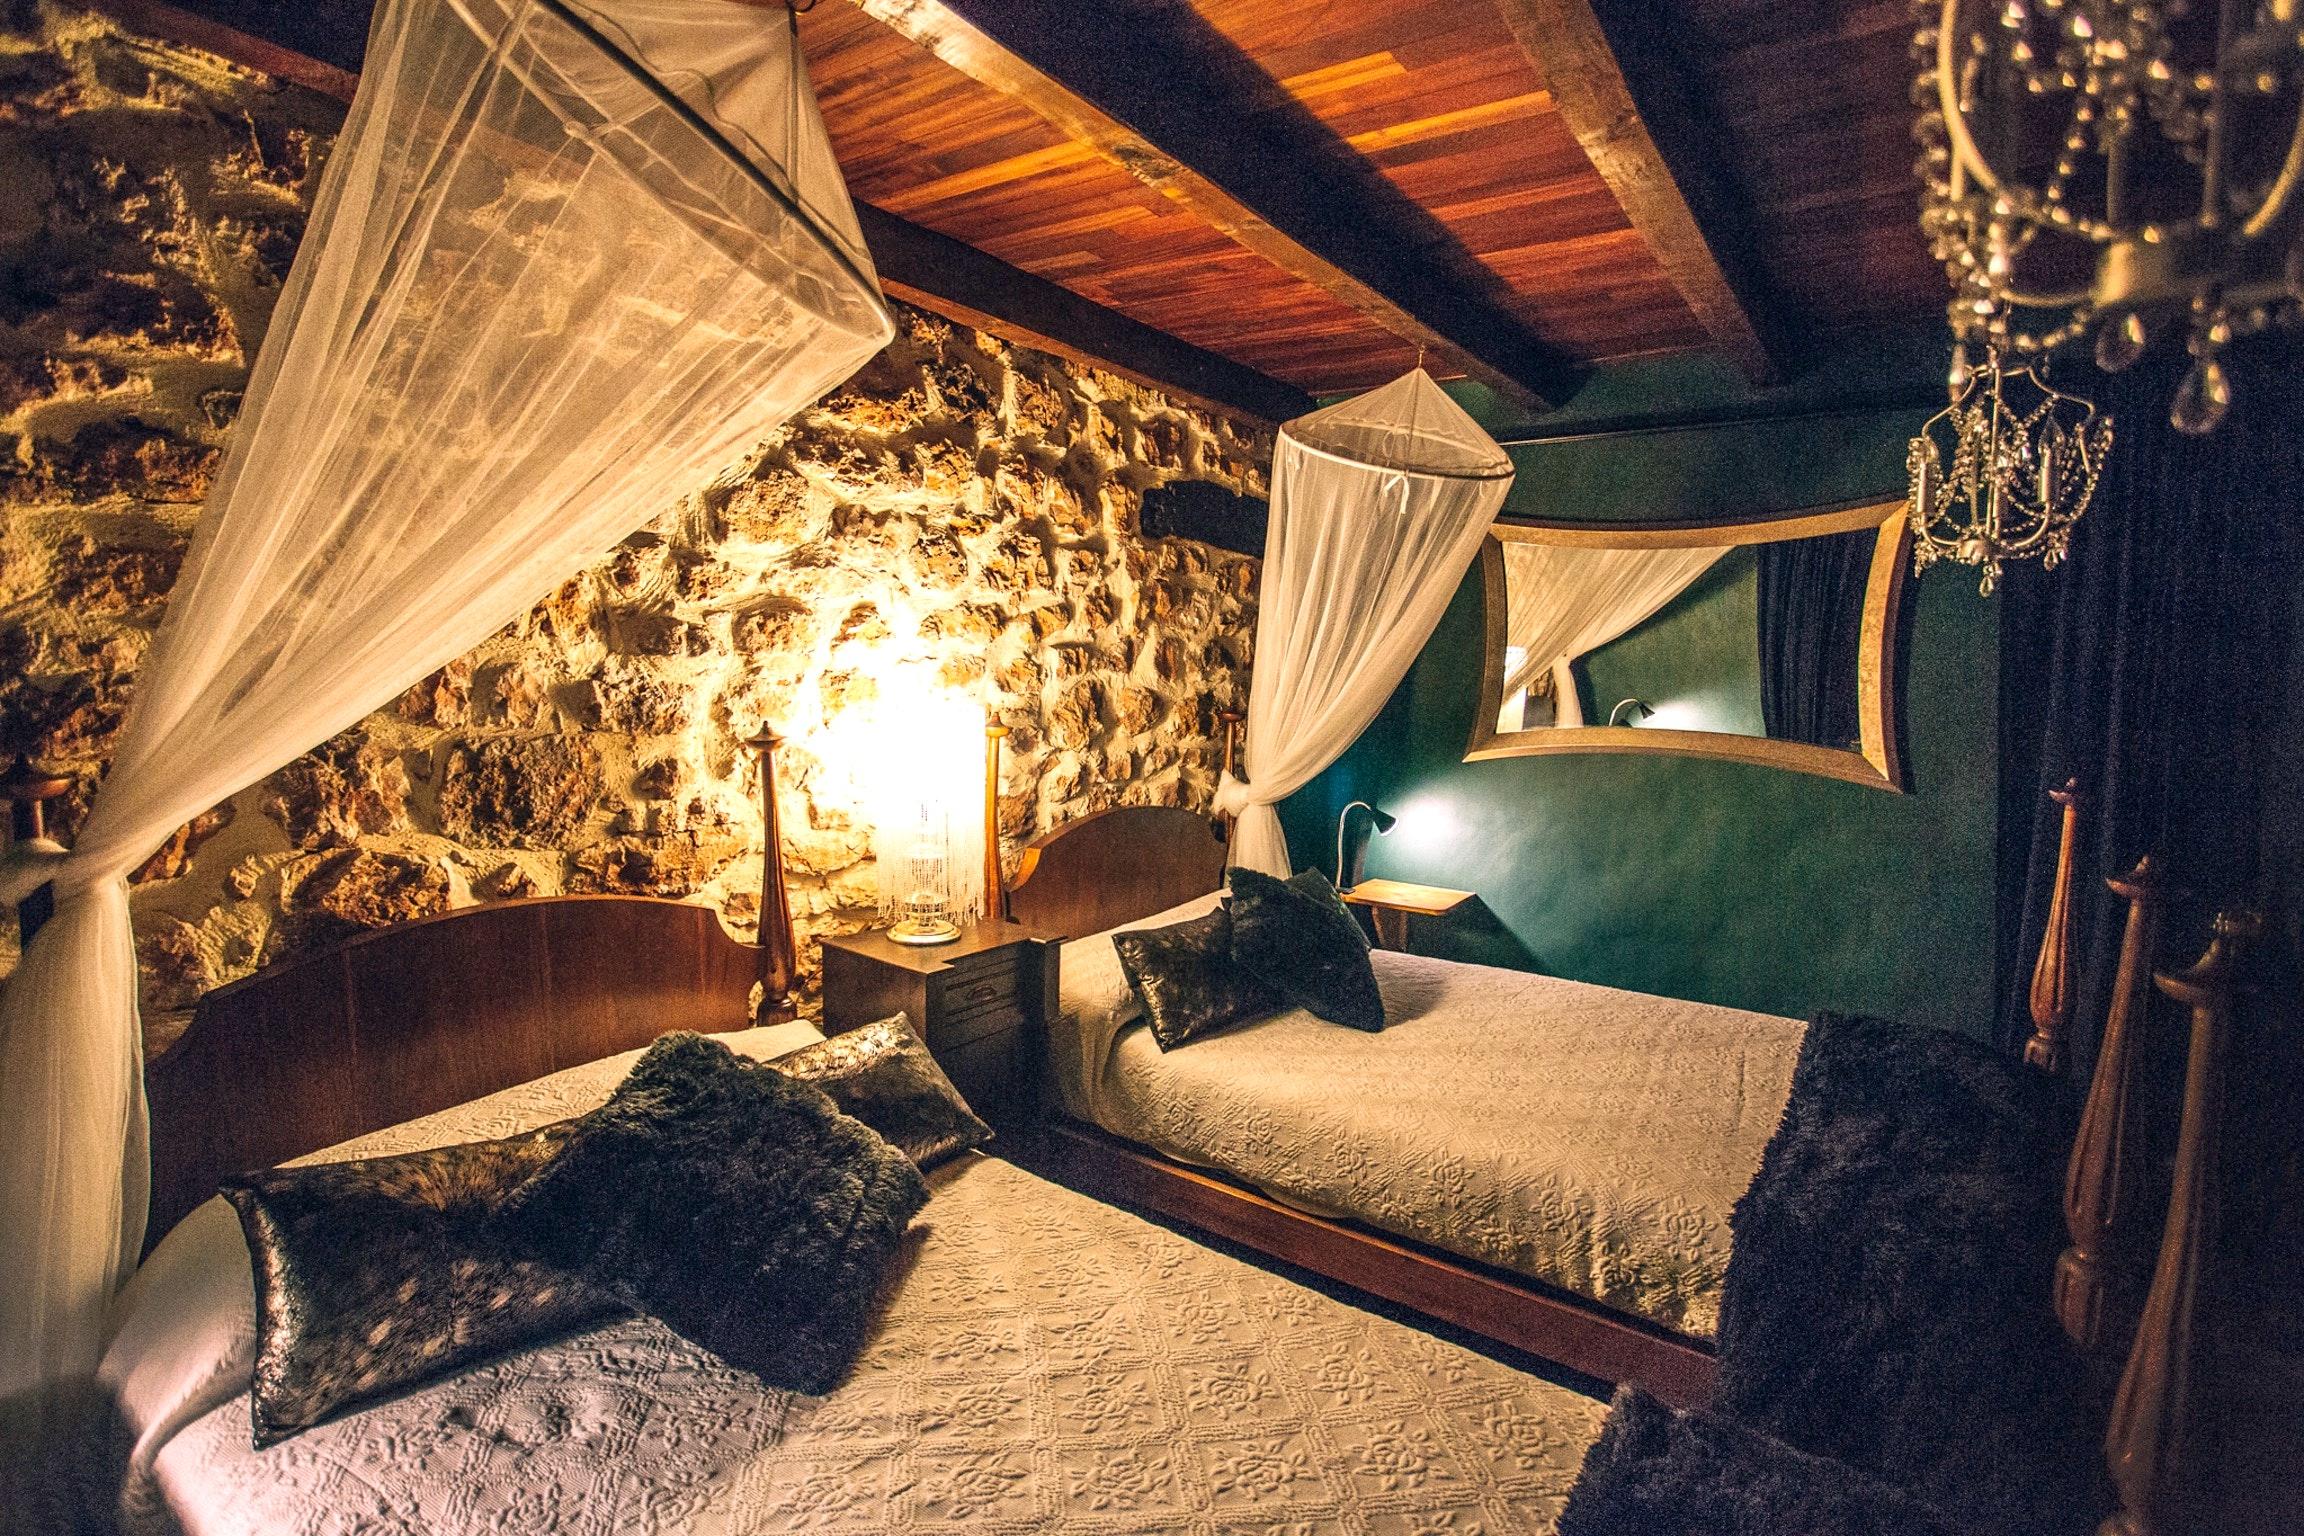 Ferienhaus Haus mit 5 Zimmern in Fuenteodra mit toller Aussicht auf die Berge, eingezäuntem Garten un (2211142), Fuenteodra, Burgos, Kastilien-León, Spanien, Bild 18